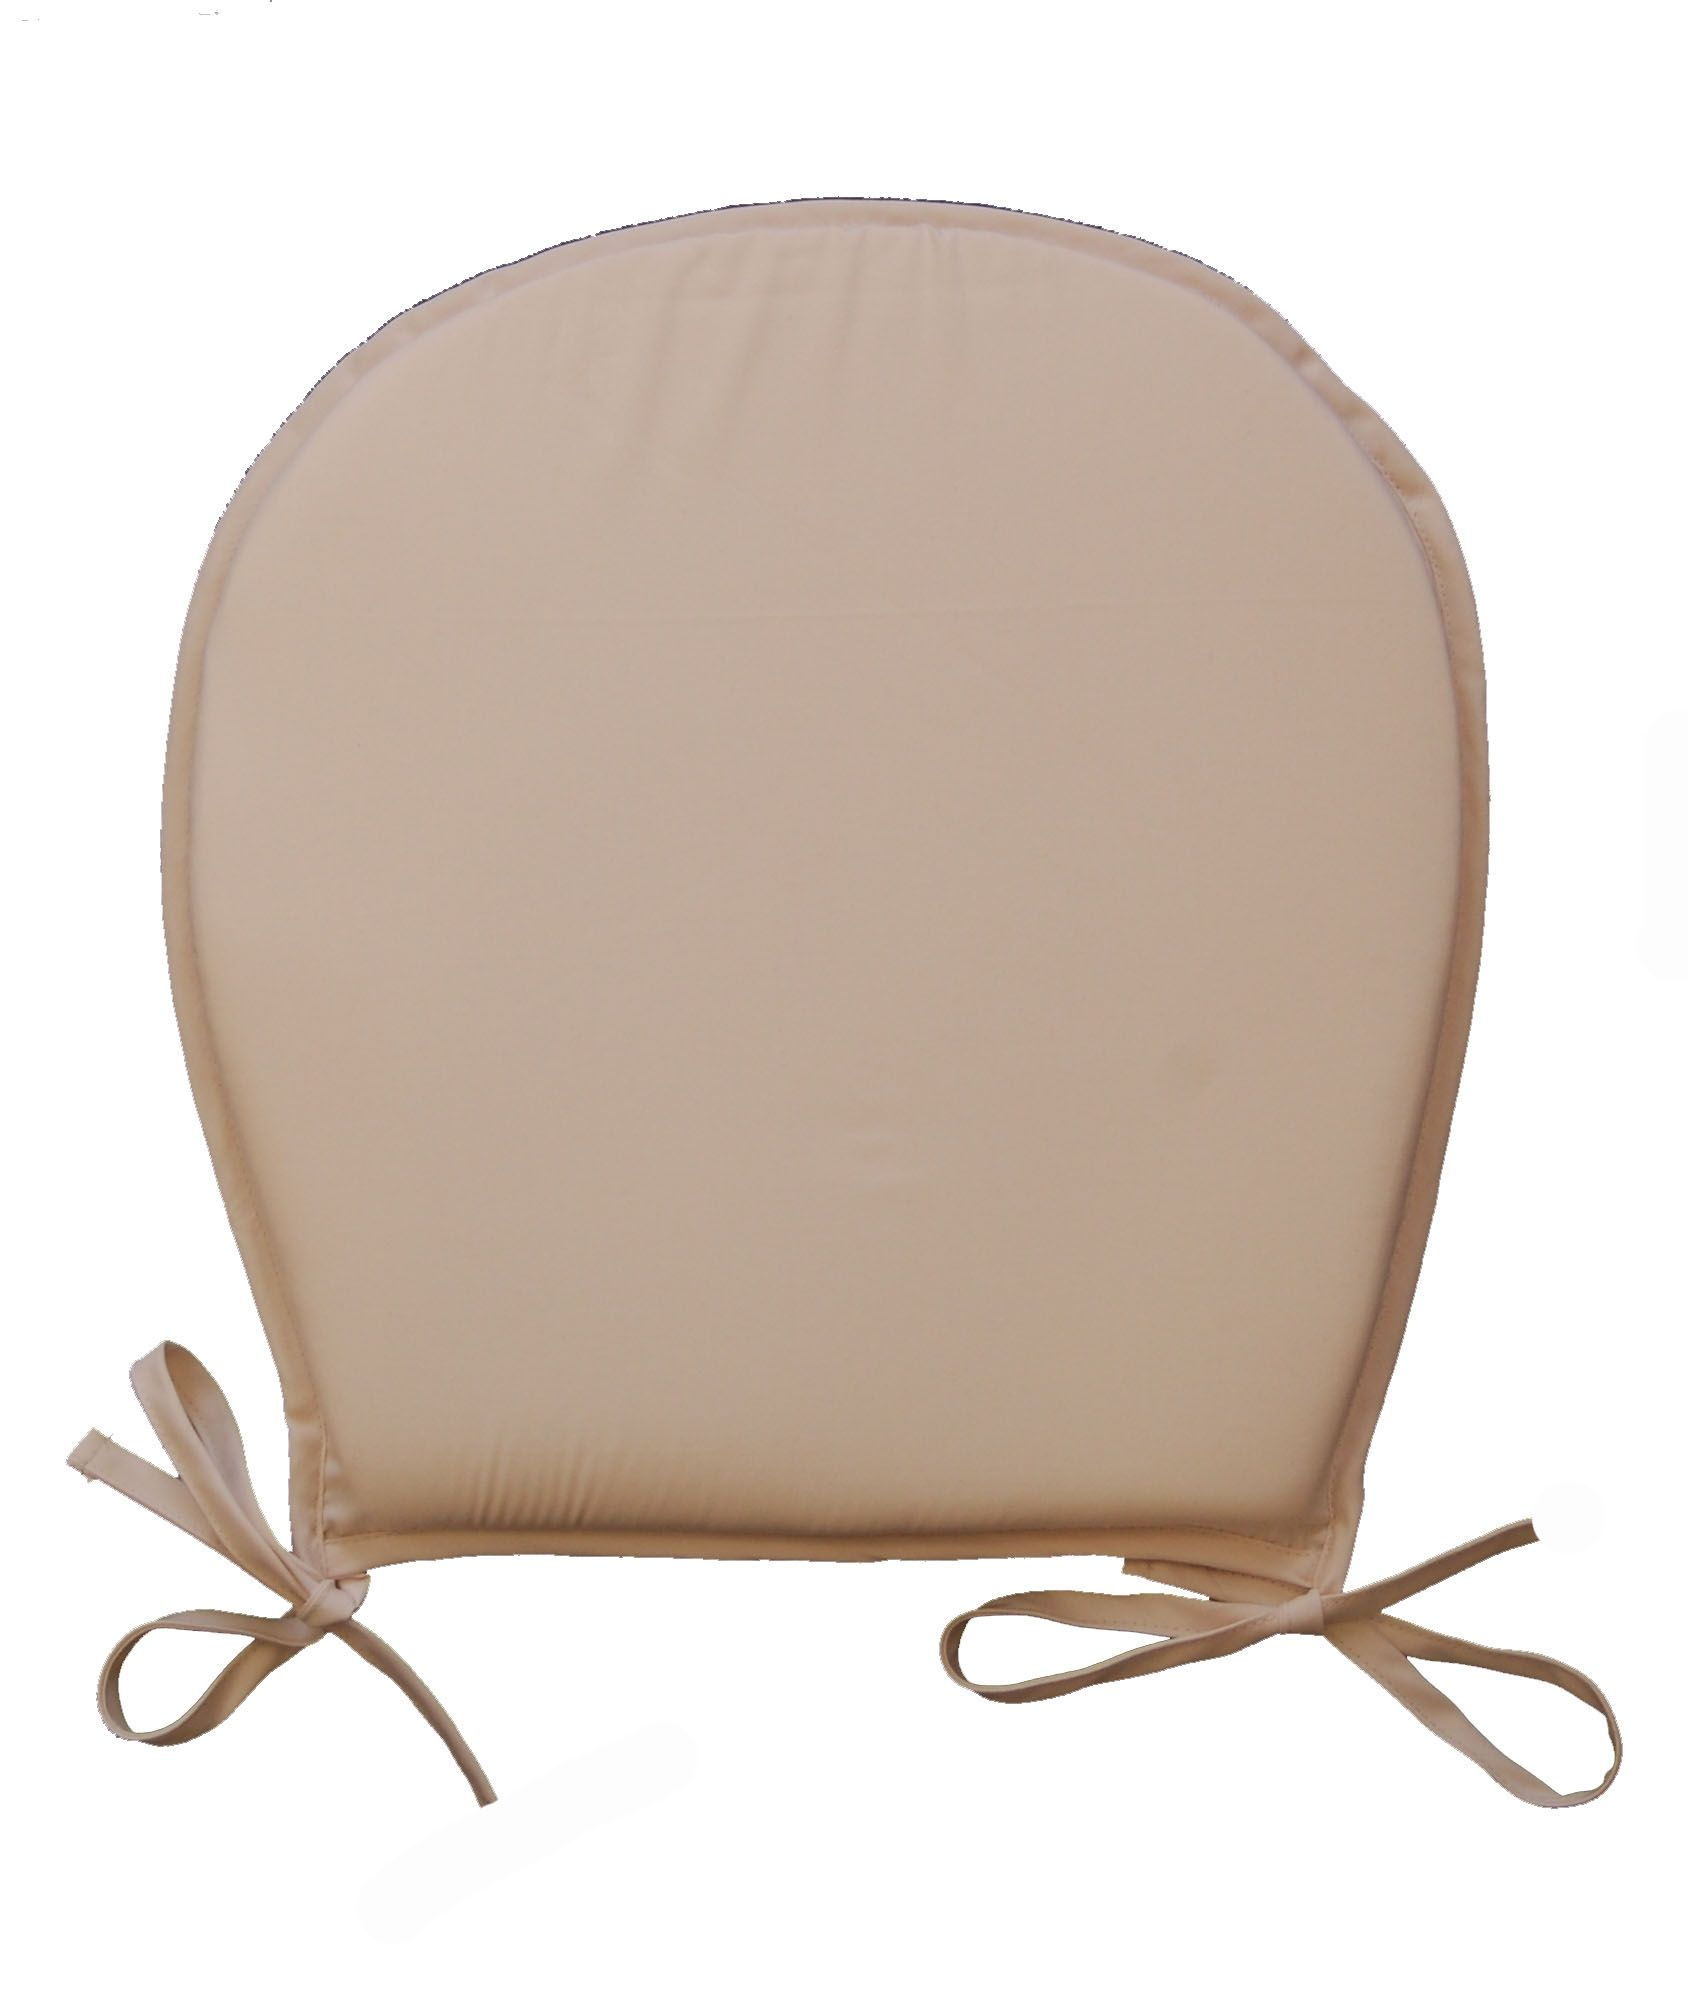 Round kitchen chair pads